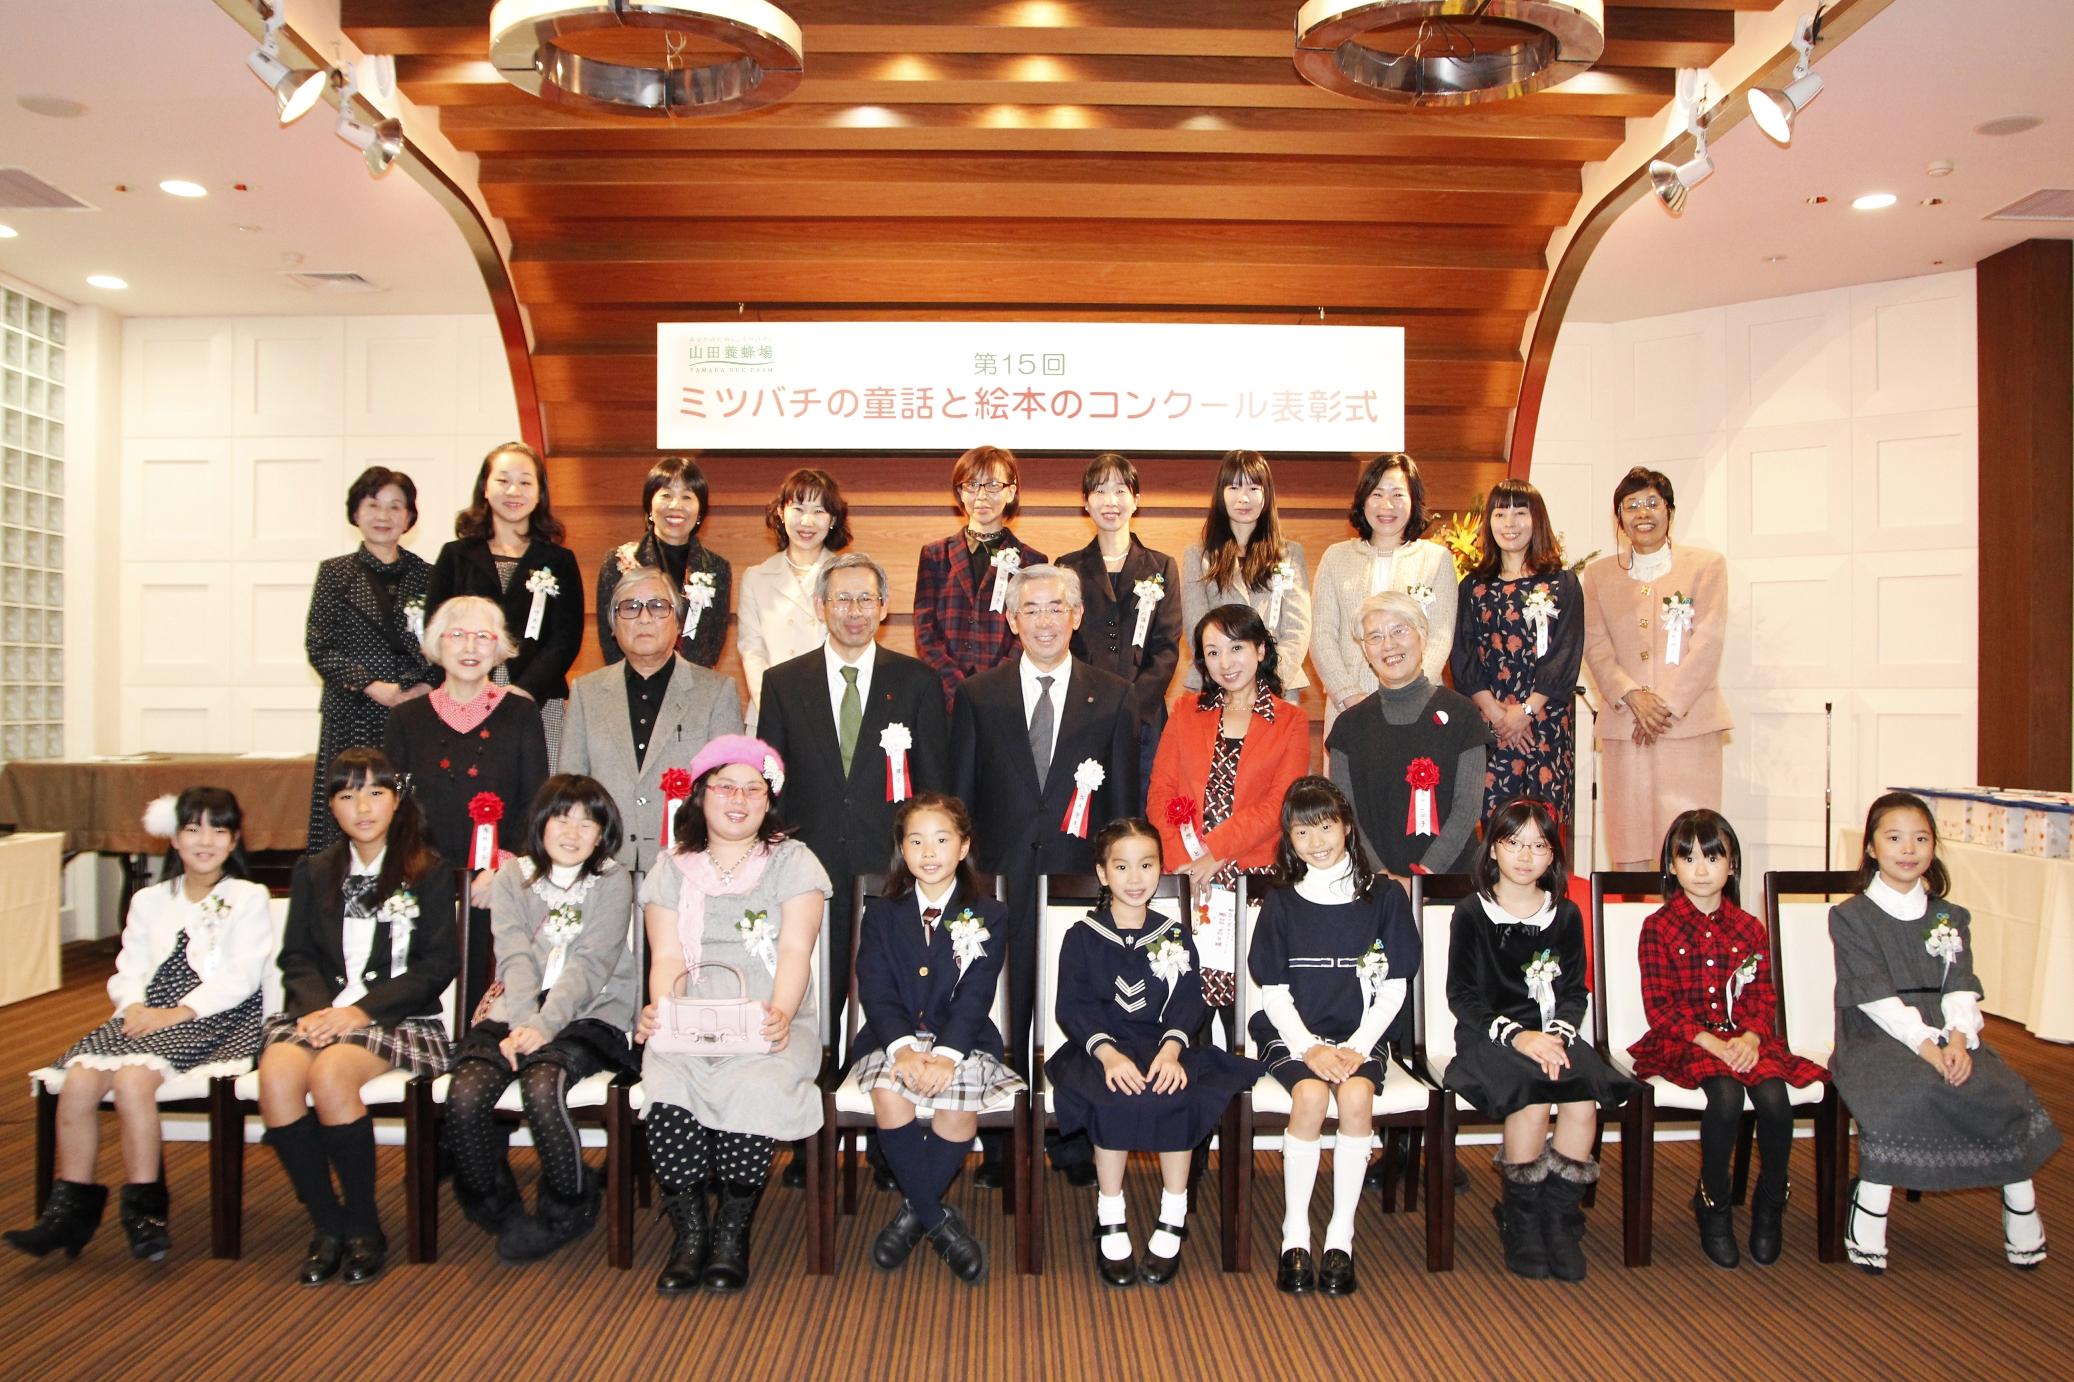 第15回 「ミツバチの童話と絵本のコンクール」 ポプラ社にて表彰式を開催しました ~応募総数2,655作品から選ばれた20名の受賞者を表彰~